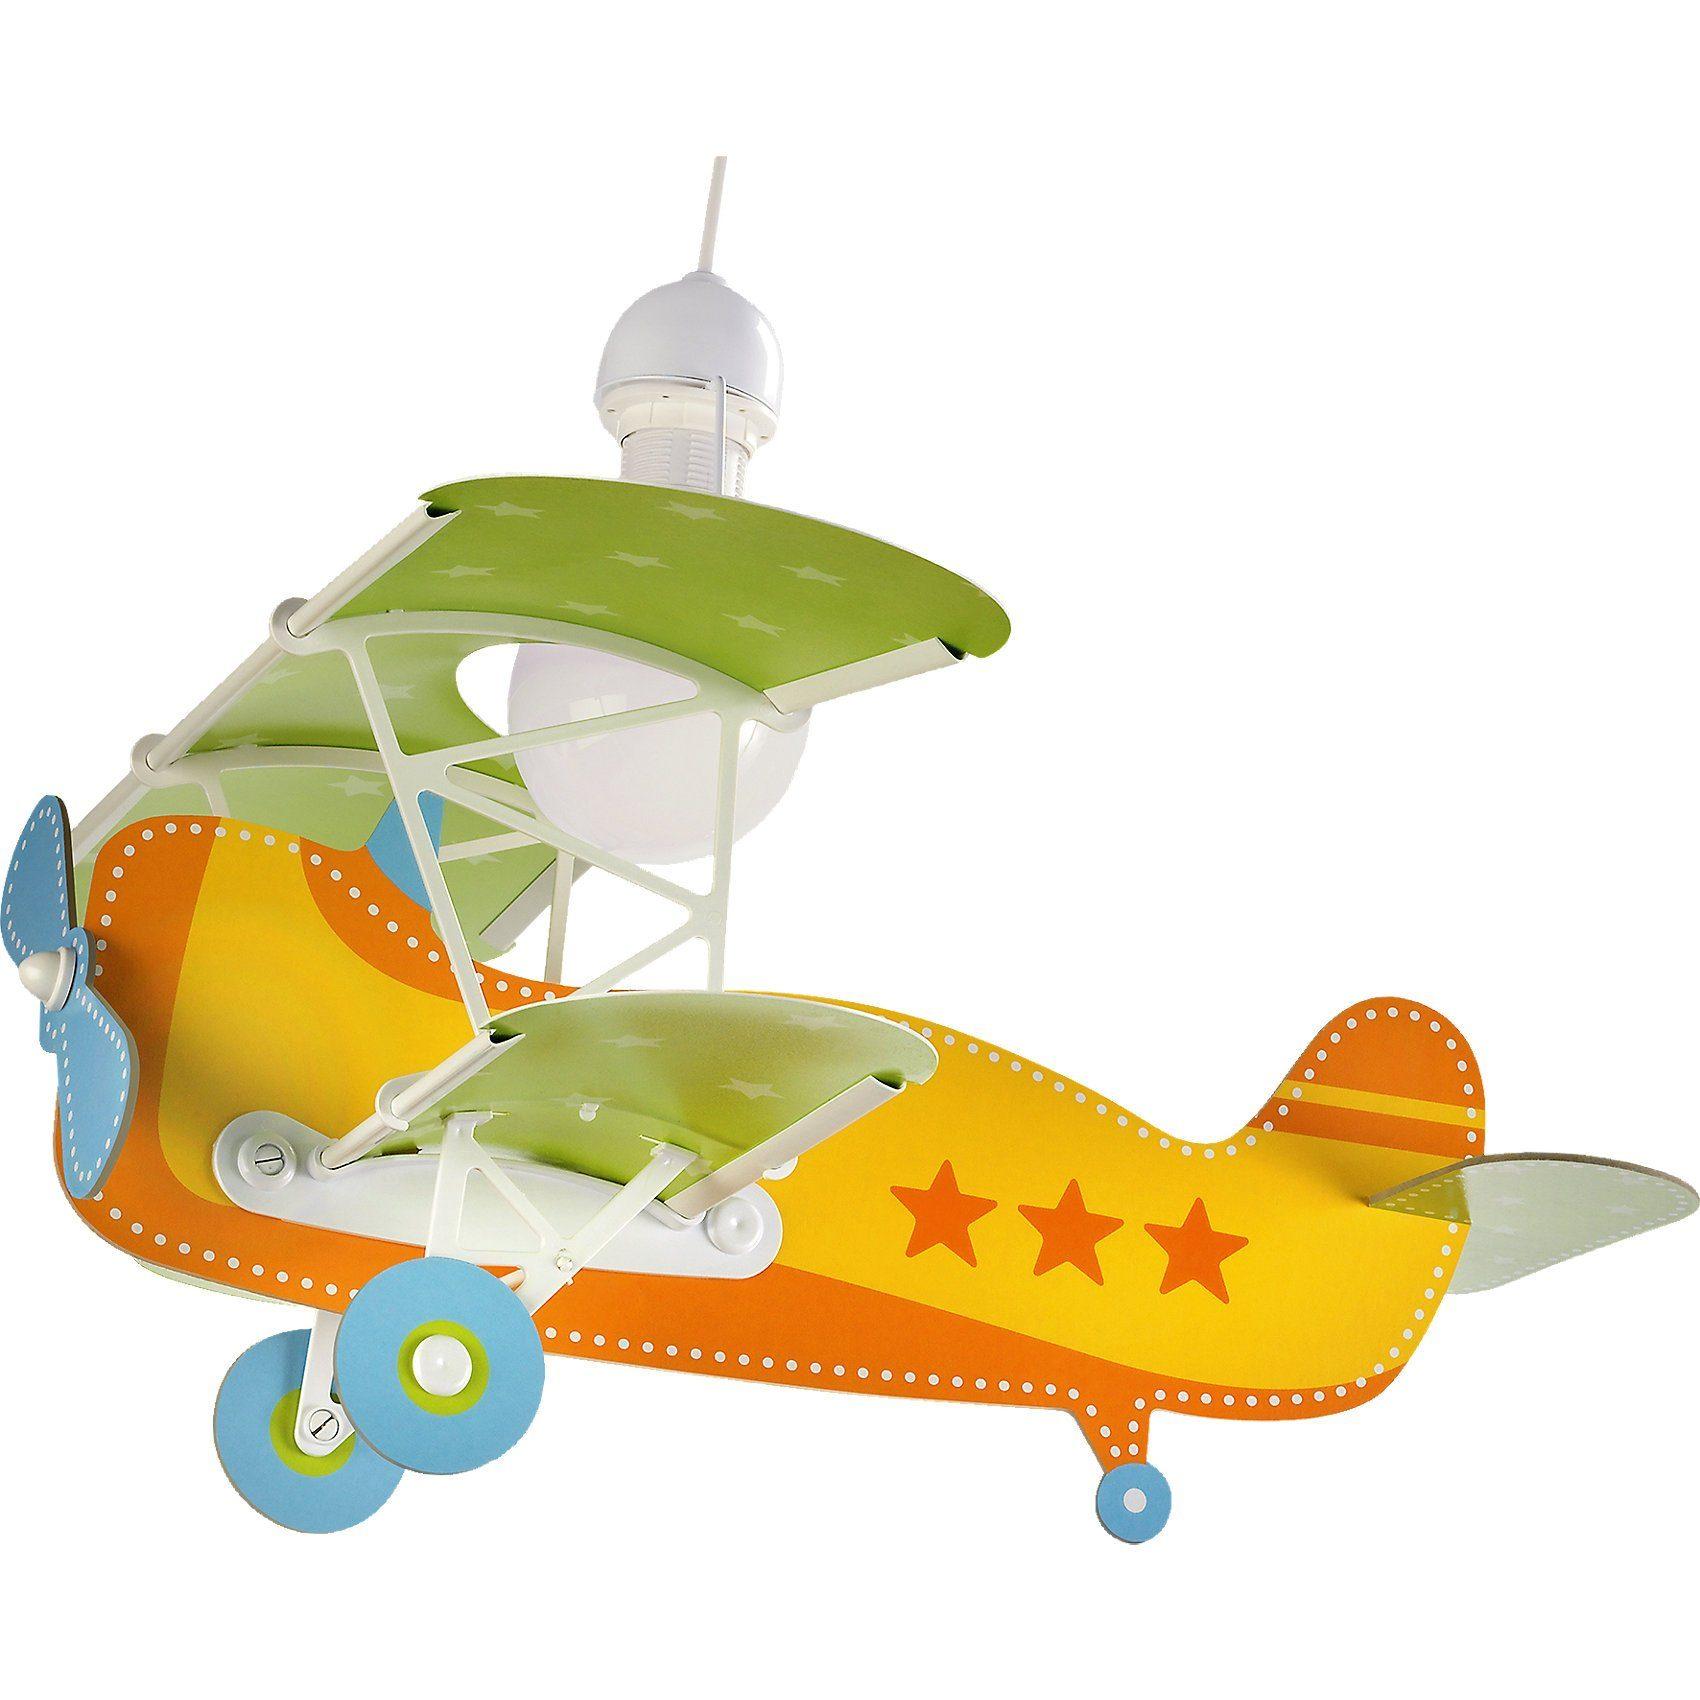 Dalber Hängelampe Flugzeug, gelb